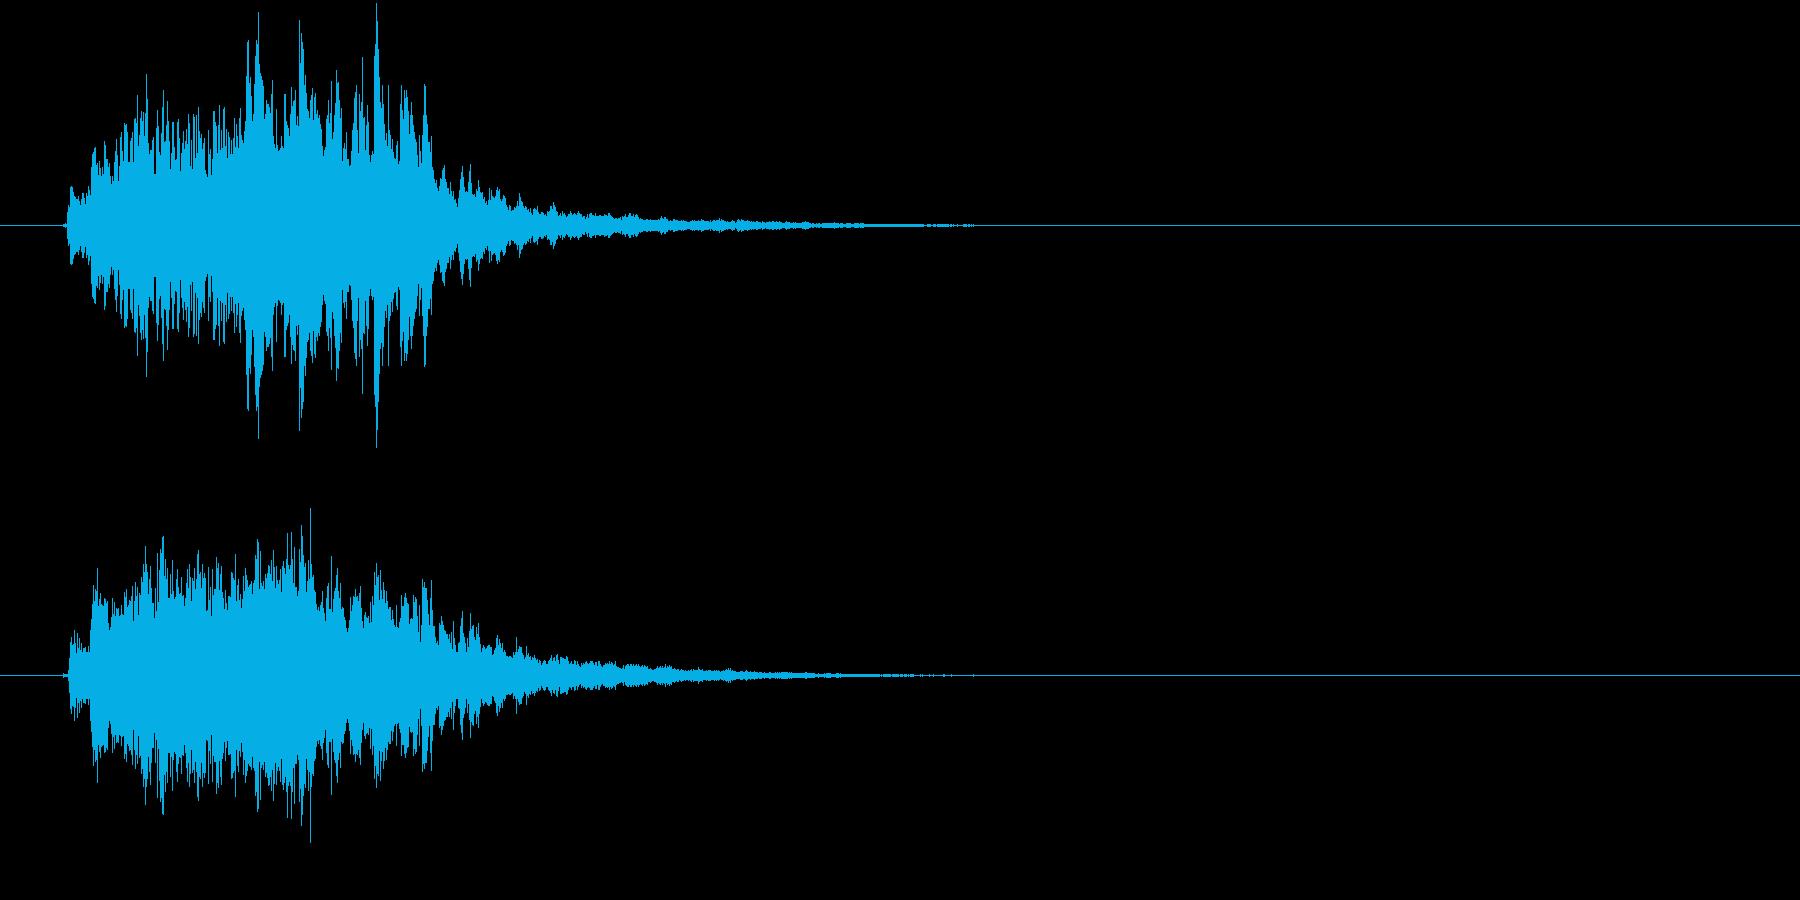 綺麗でメルヘンなファンタジーサウンドロゴの再生済みの波形